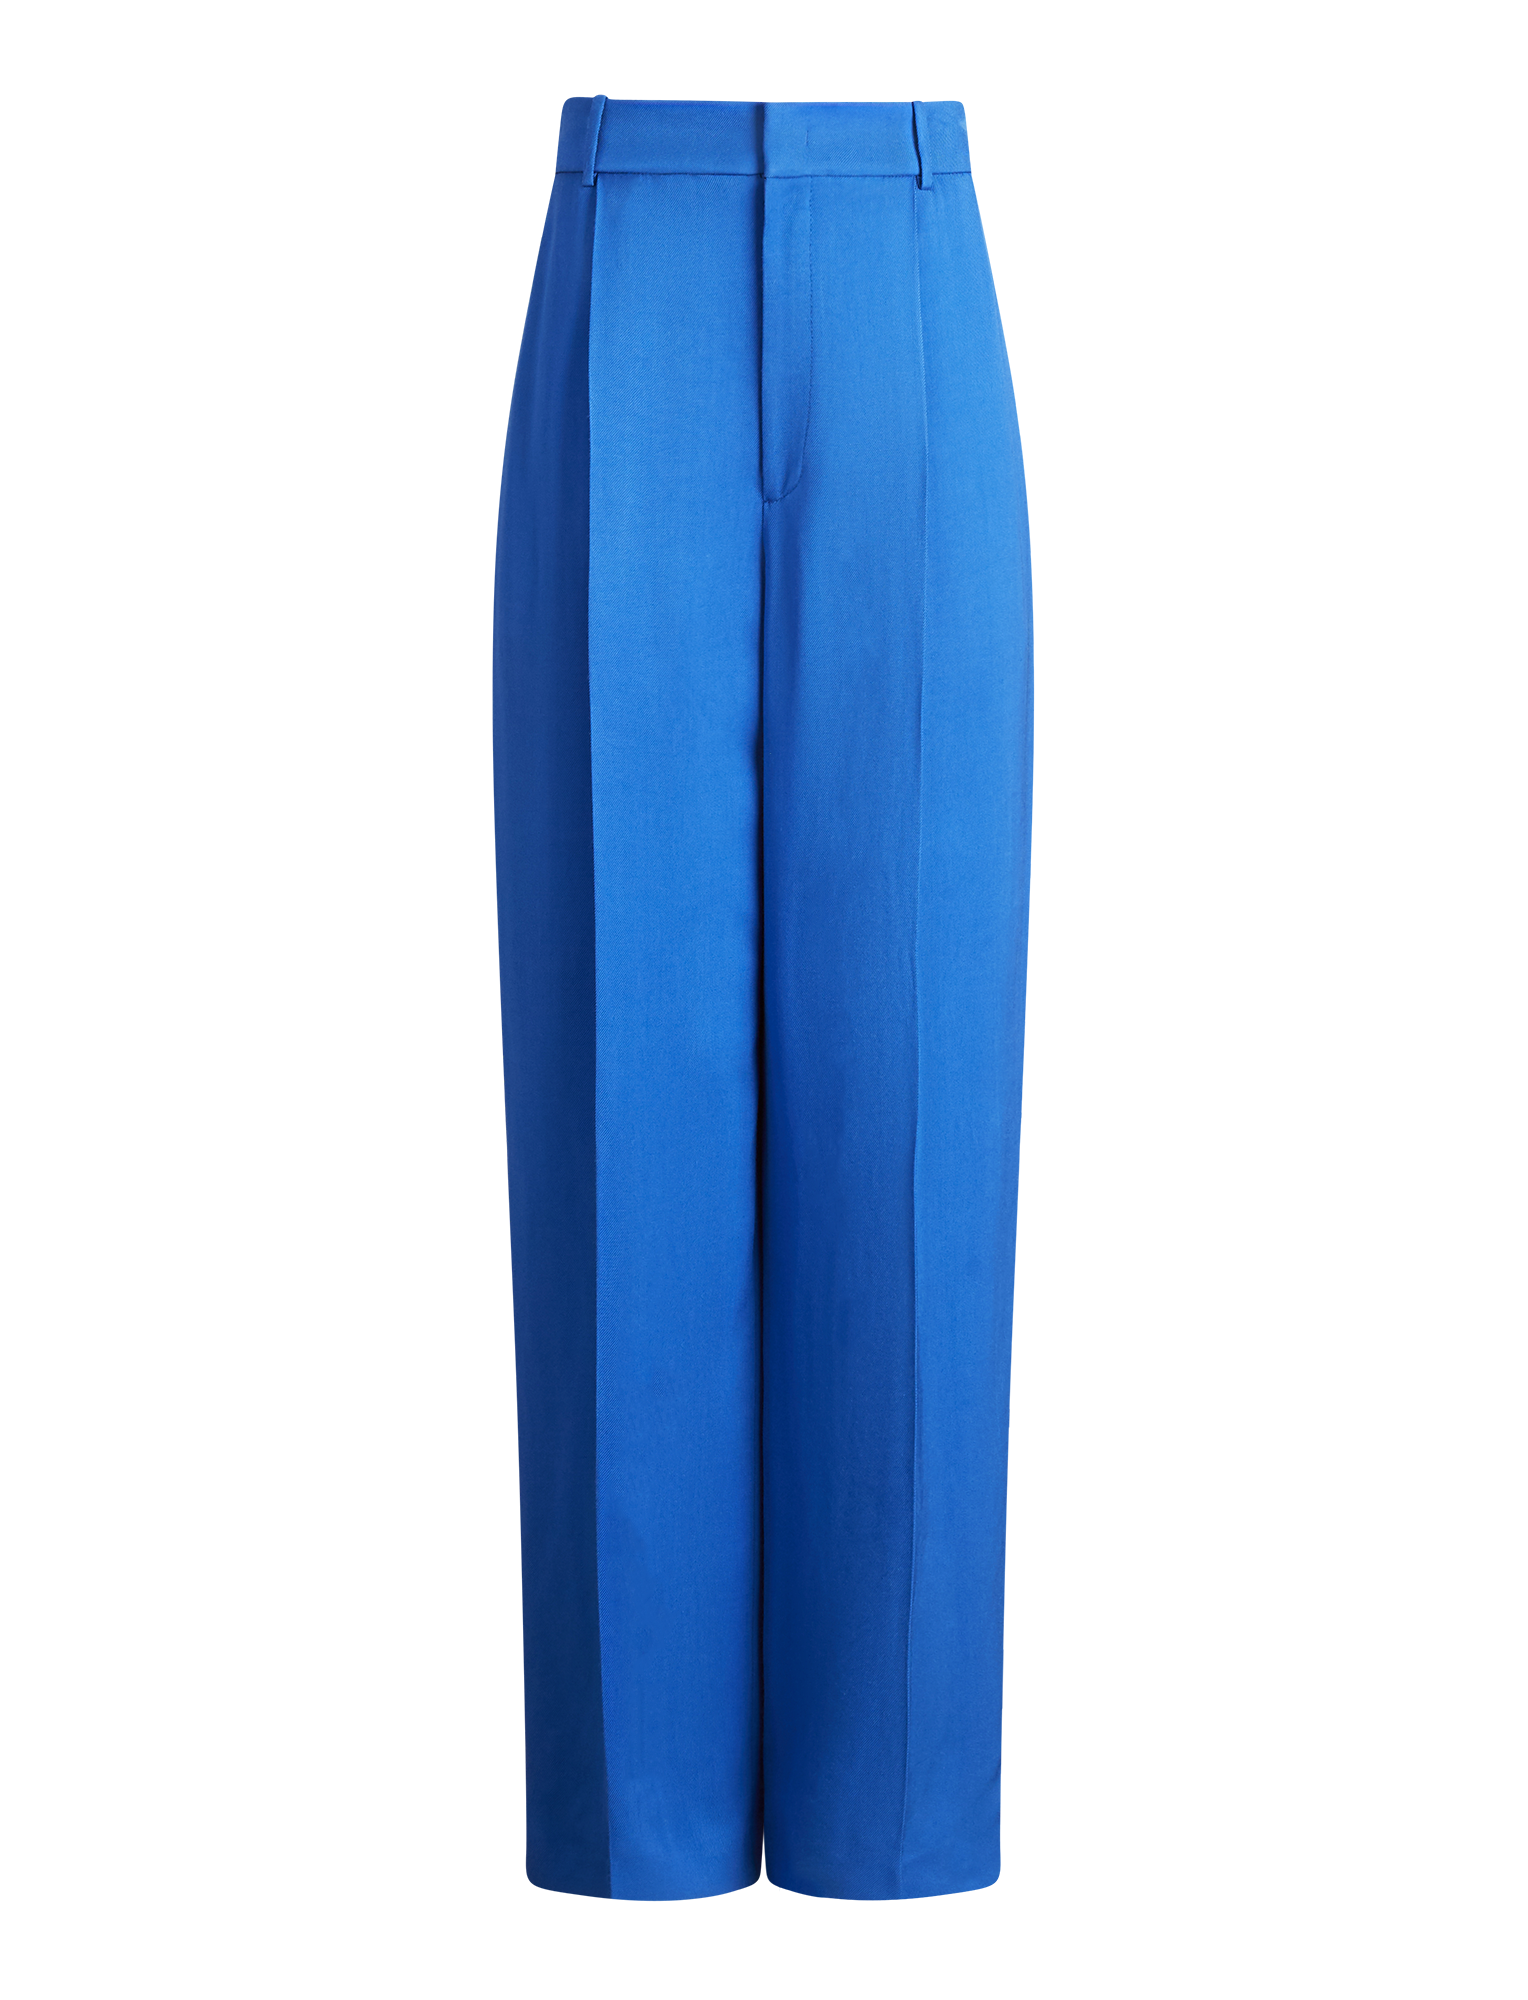 Joseph, Quarius Liquid Twill Trousers, in PLASTIC BLUE